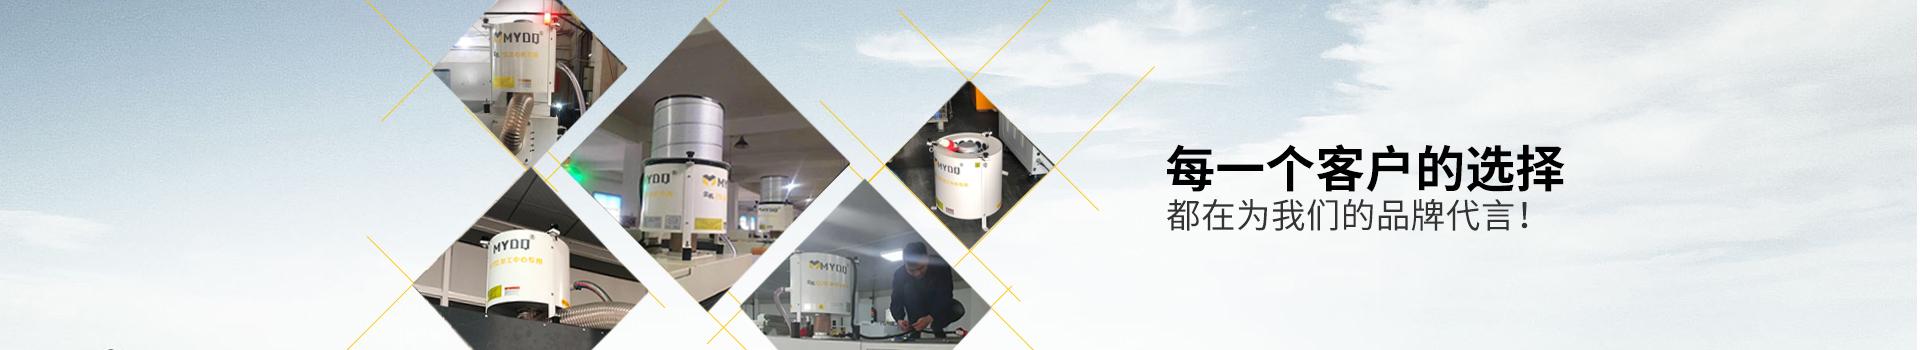 每一个客户的选择,都在为我们的品牌代言-美亚电气